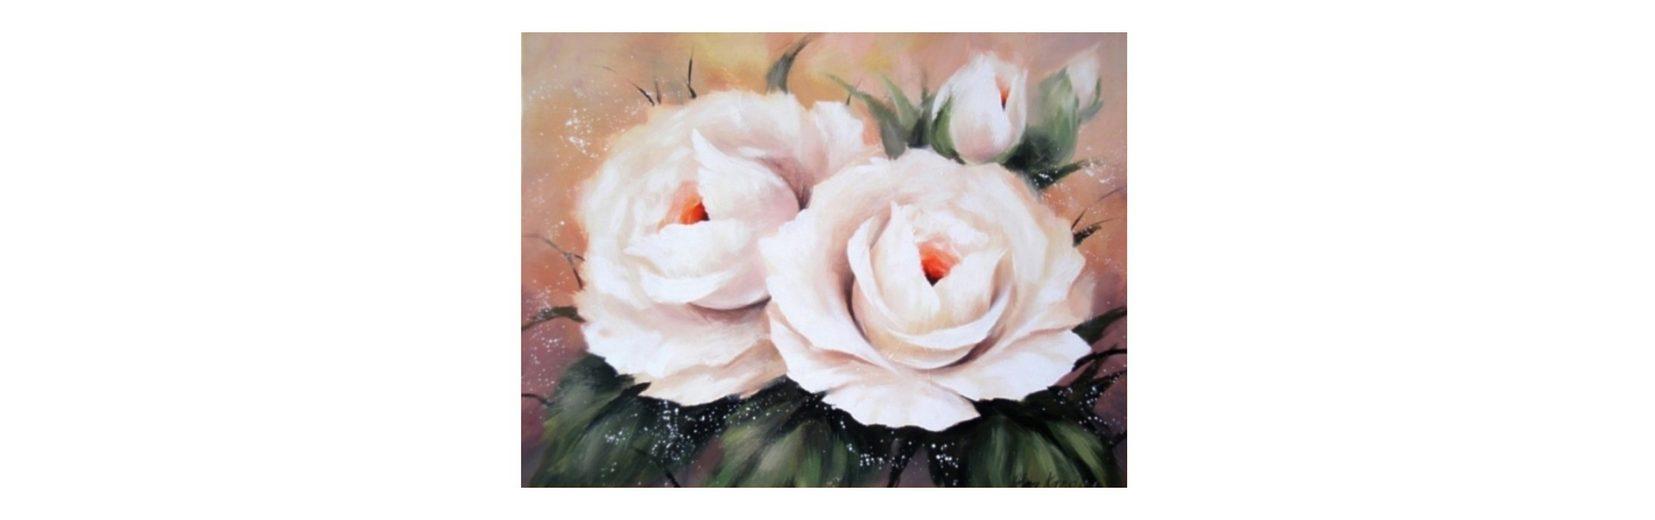 Home affaire Wandbild, Größe 80x60 cm, »Vier Rosen«